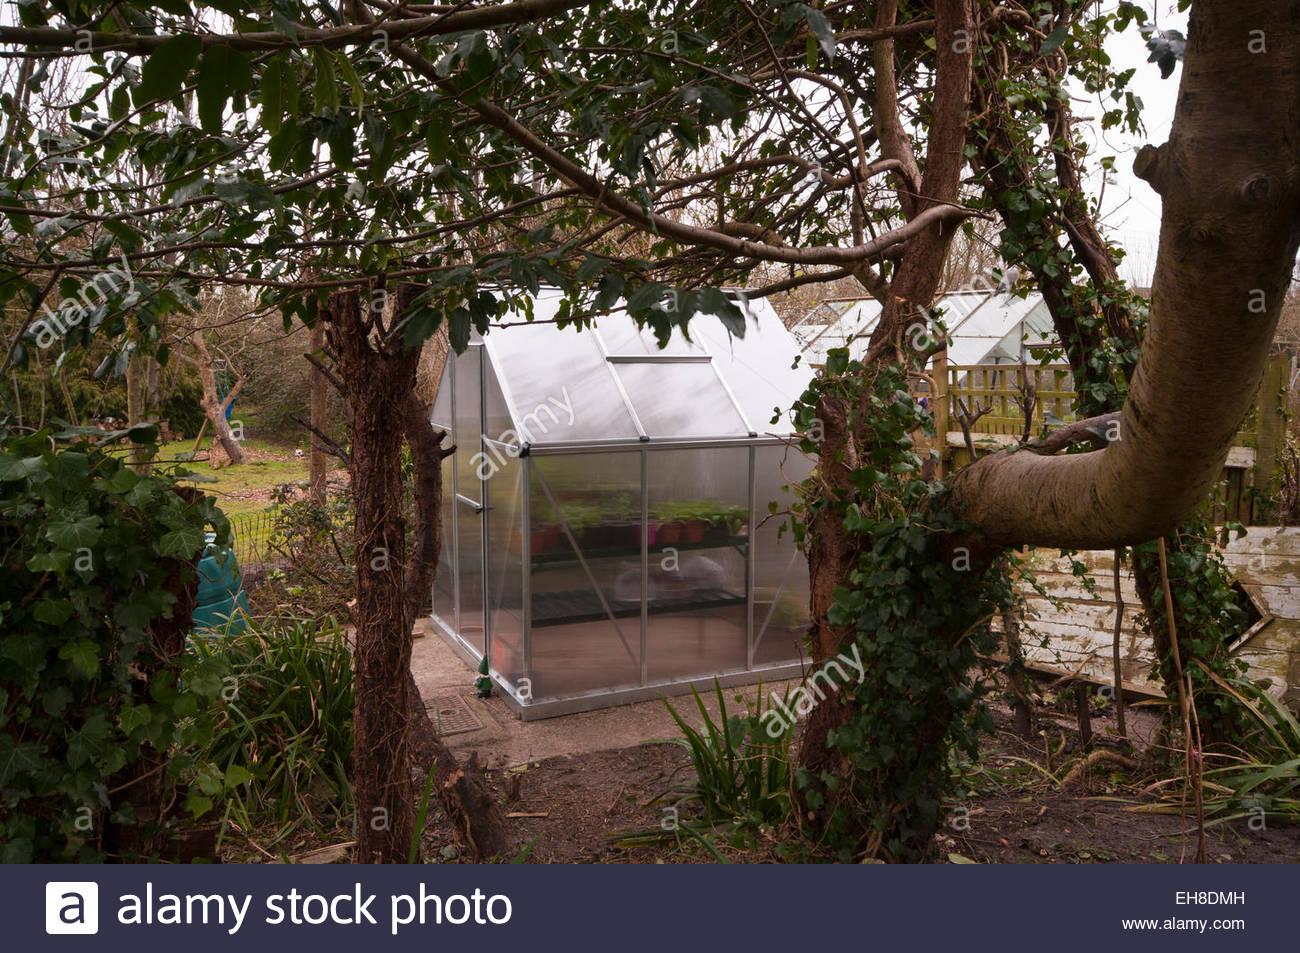 vue laterale d une serre de jardin en polycarbonate avec la porte fermee eh8dmh